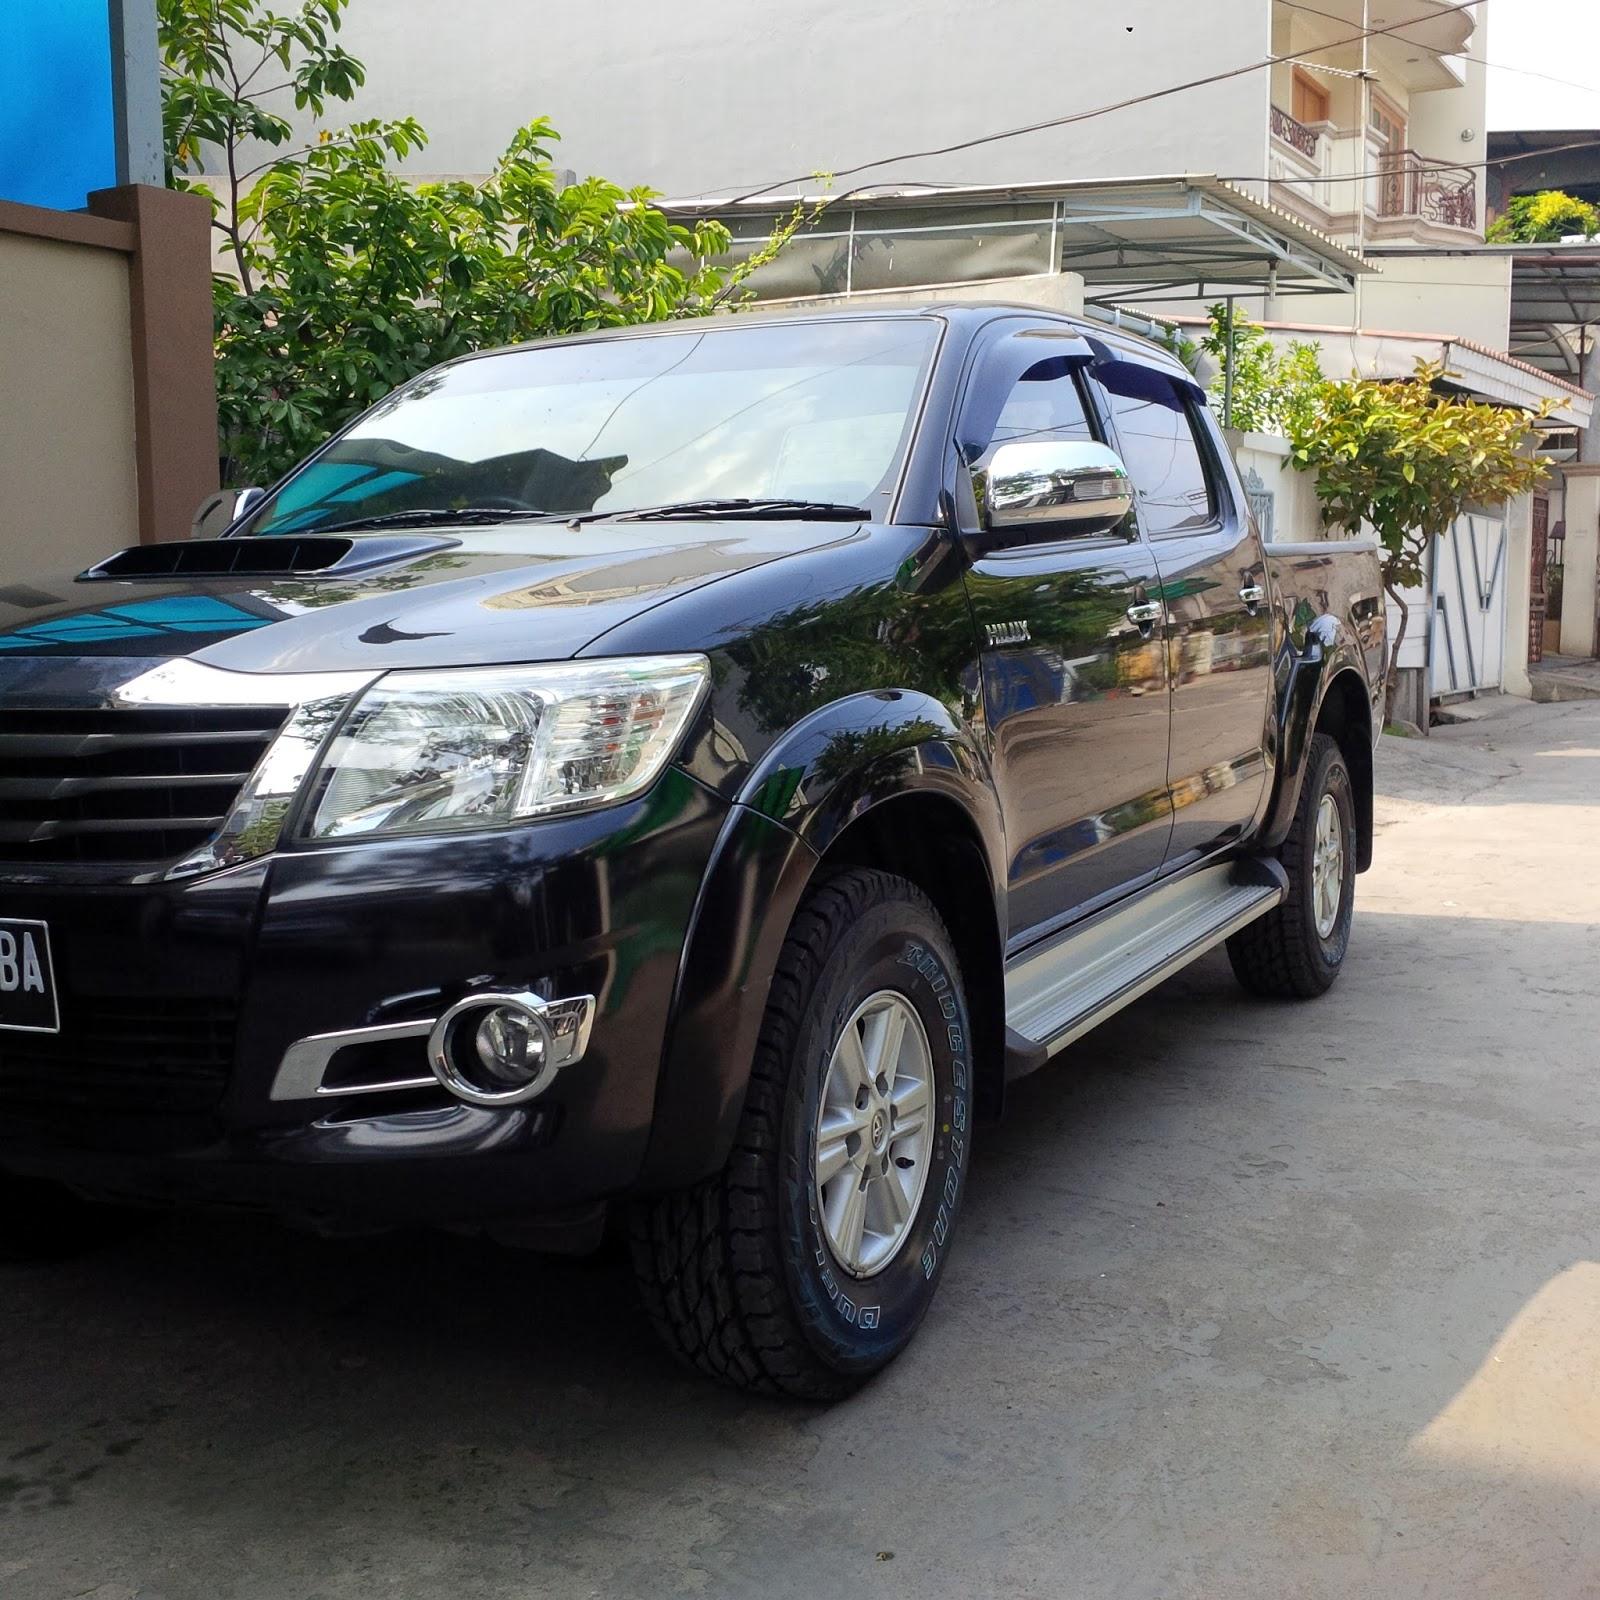 ppd motor jakarta (jual-beli mobil bekas dan truk bekas